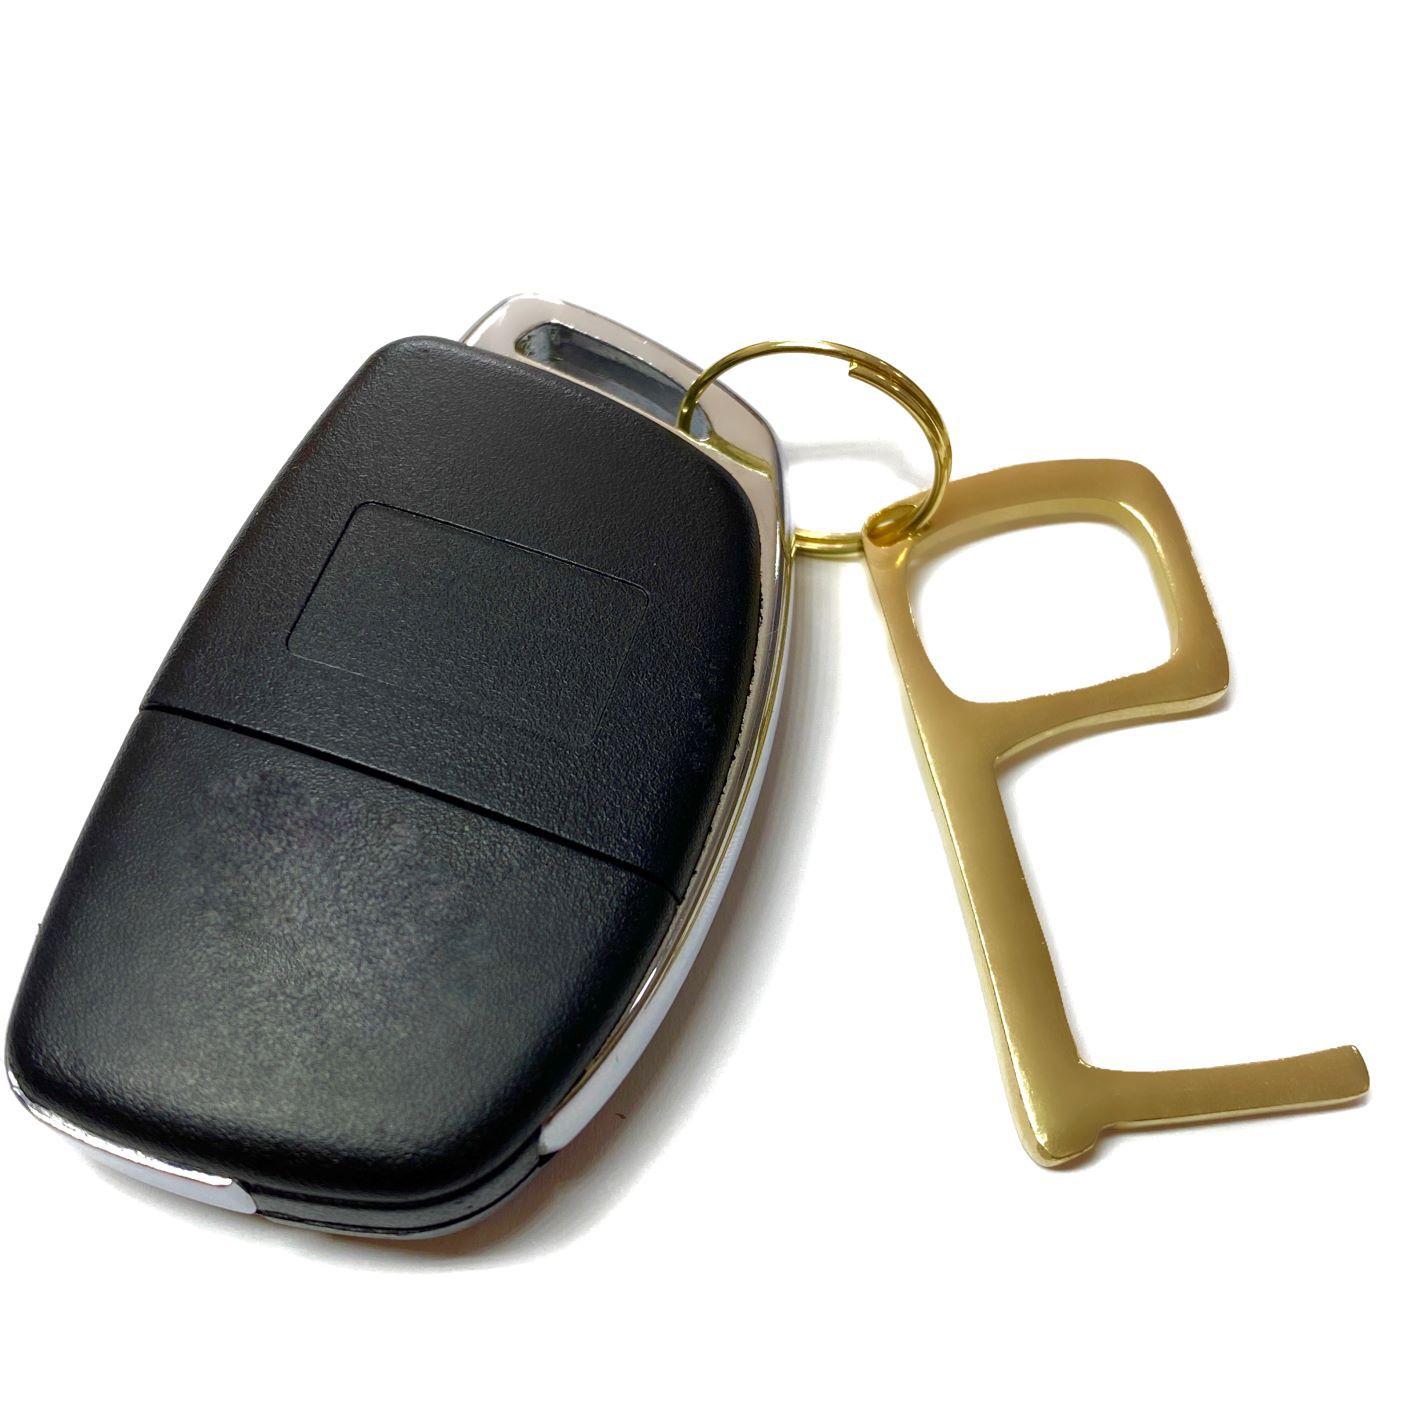 Key Touch GDO (Chaveiro Antimicrobiano) 2 Unidades (Brinde Solidário- VALOR 100% CONVERTIDO EM DOAÇÃO)